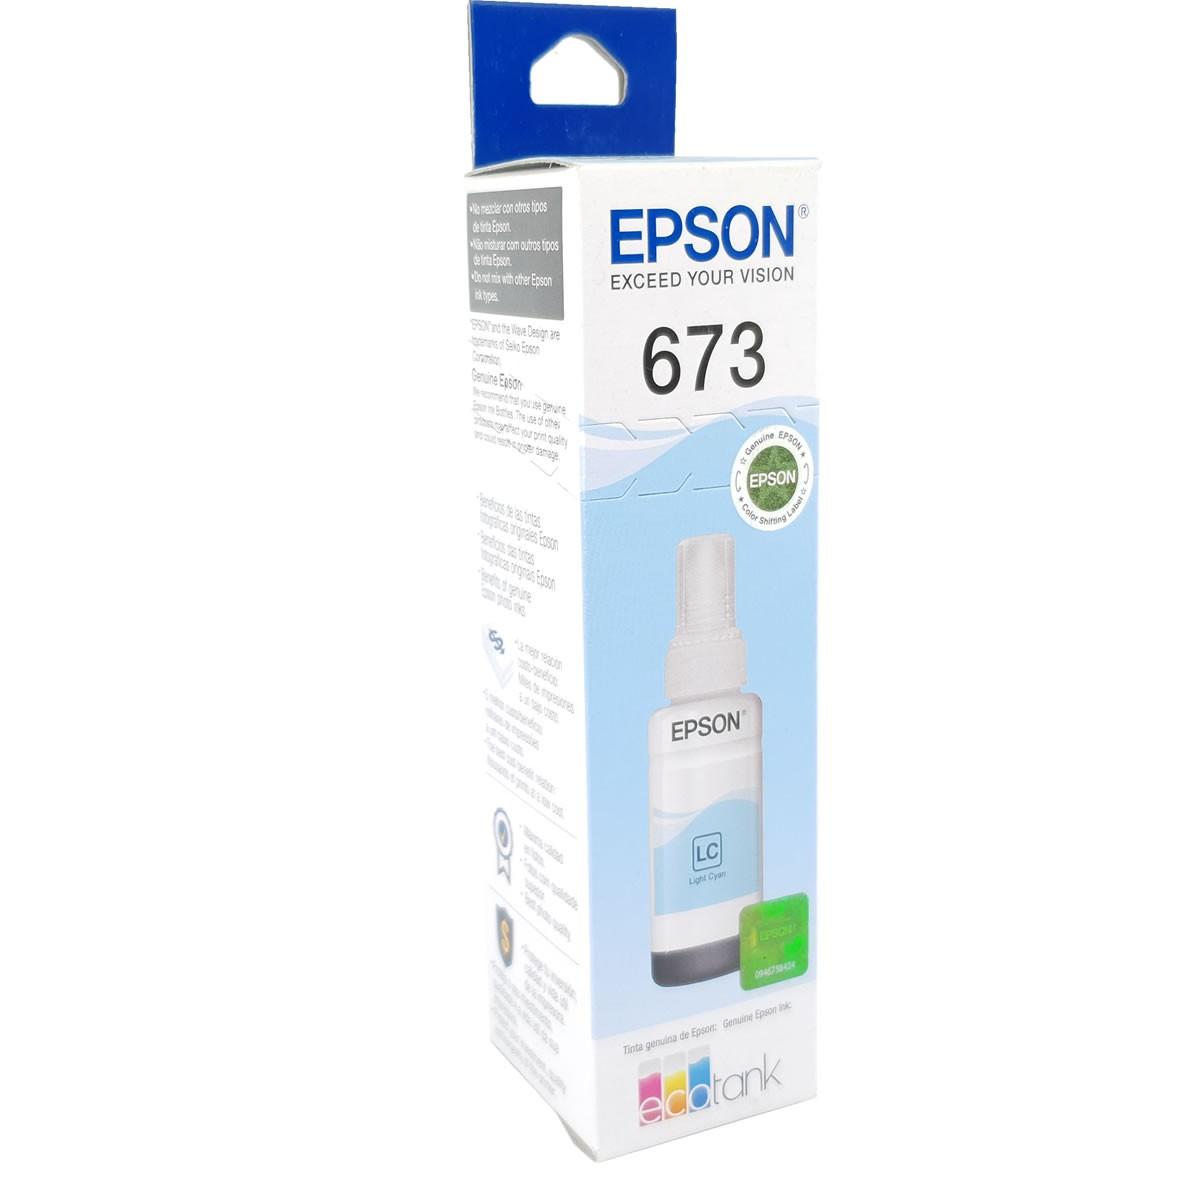 Refil de Tinta EPSON T673520 Ciano Claro 70ml para ecotank L800 L805 L810 L850 L1800